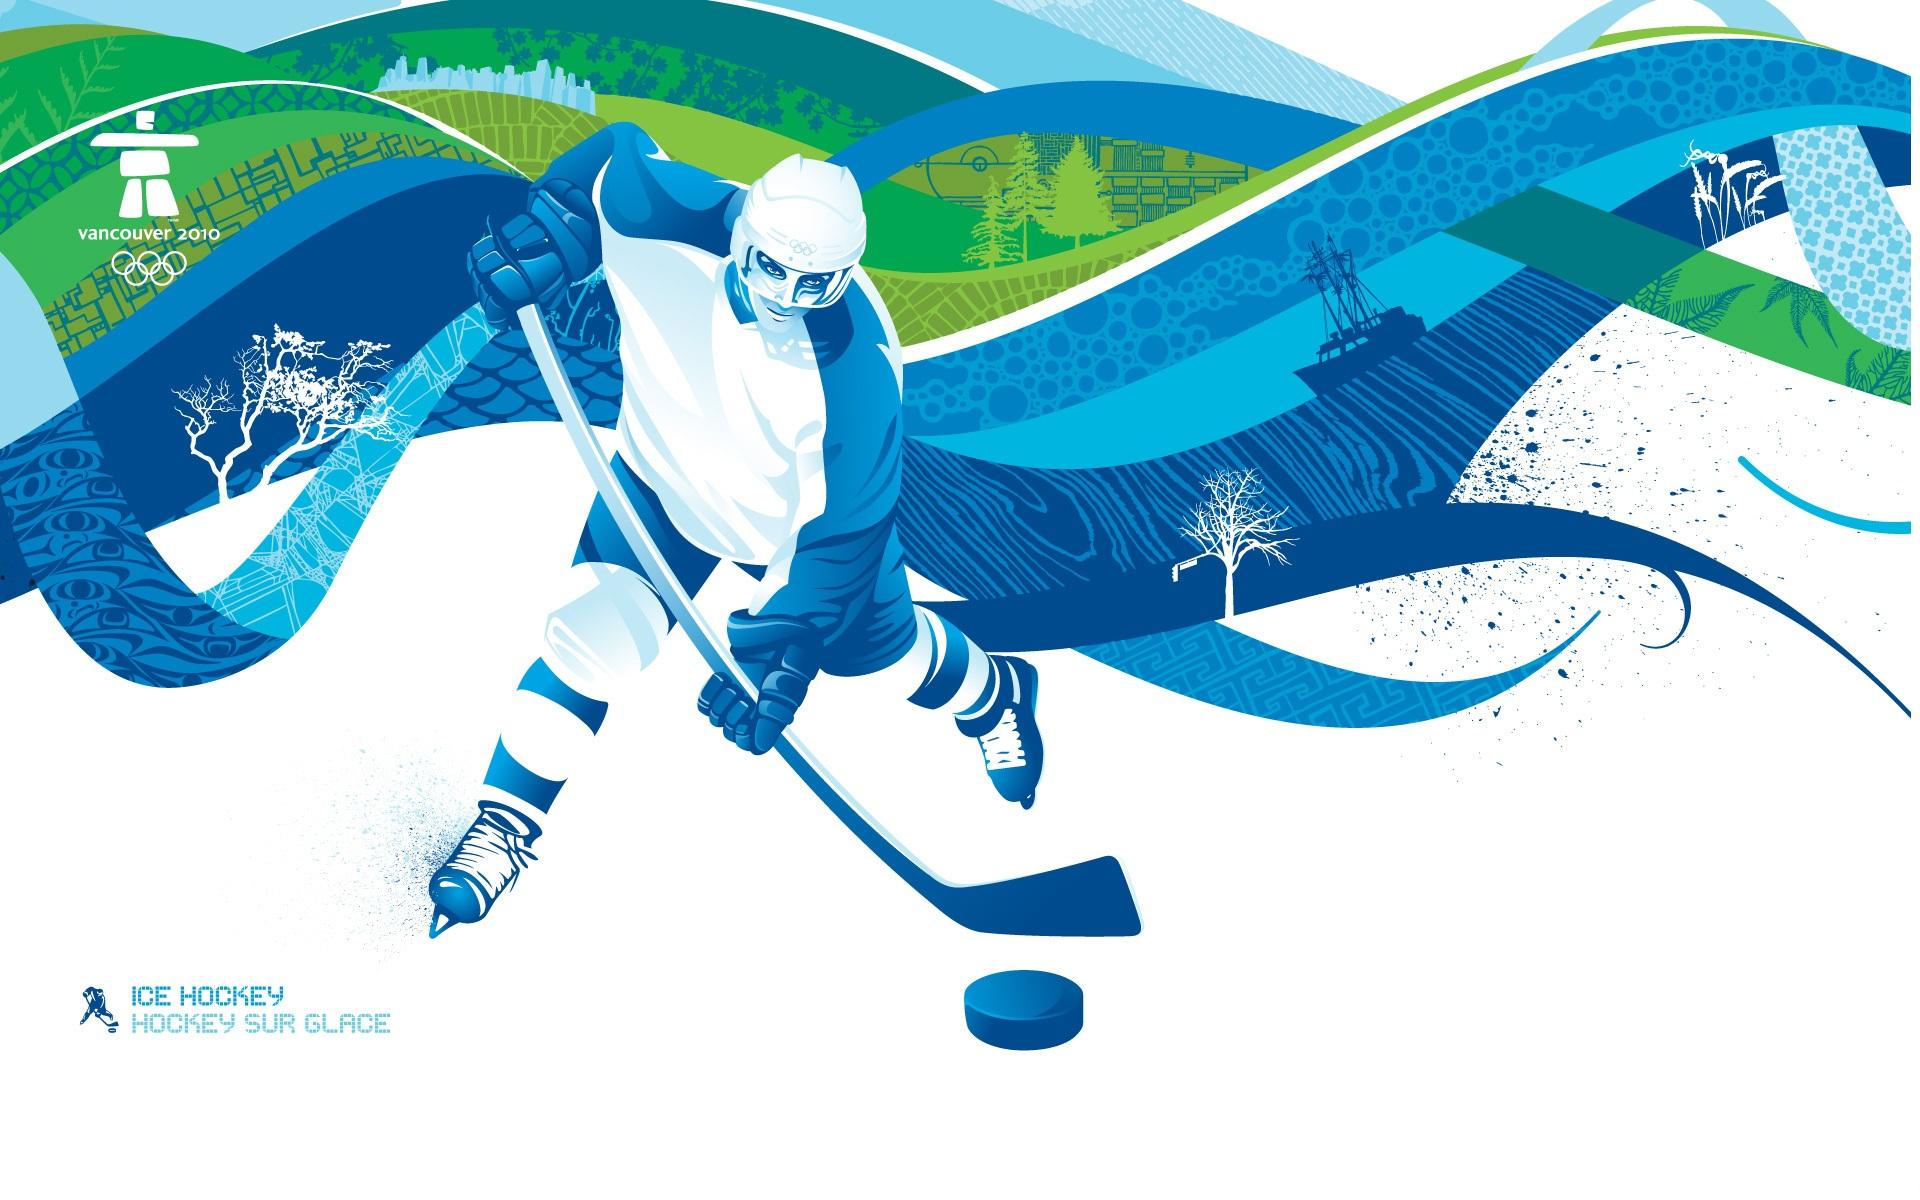 обои, спорт, хоккей, скачать бесплатно